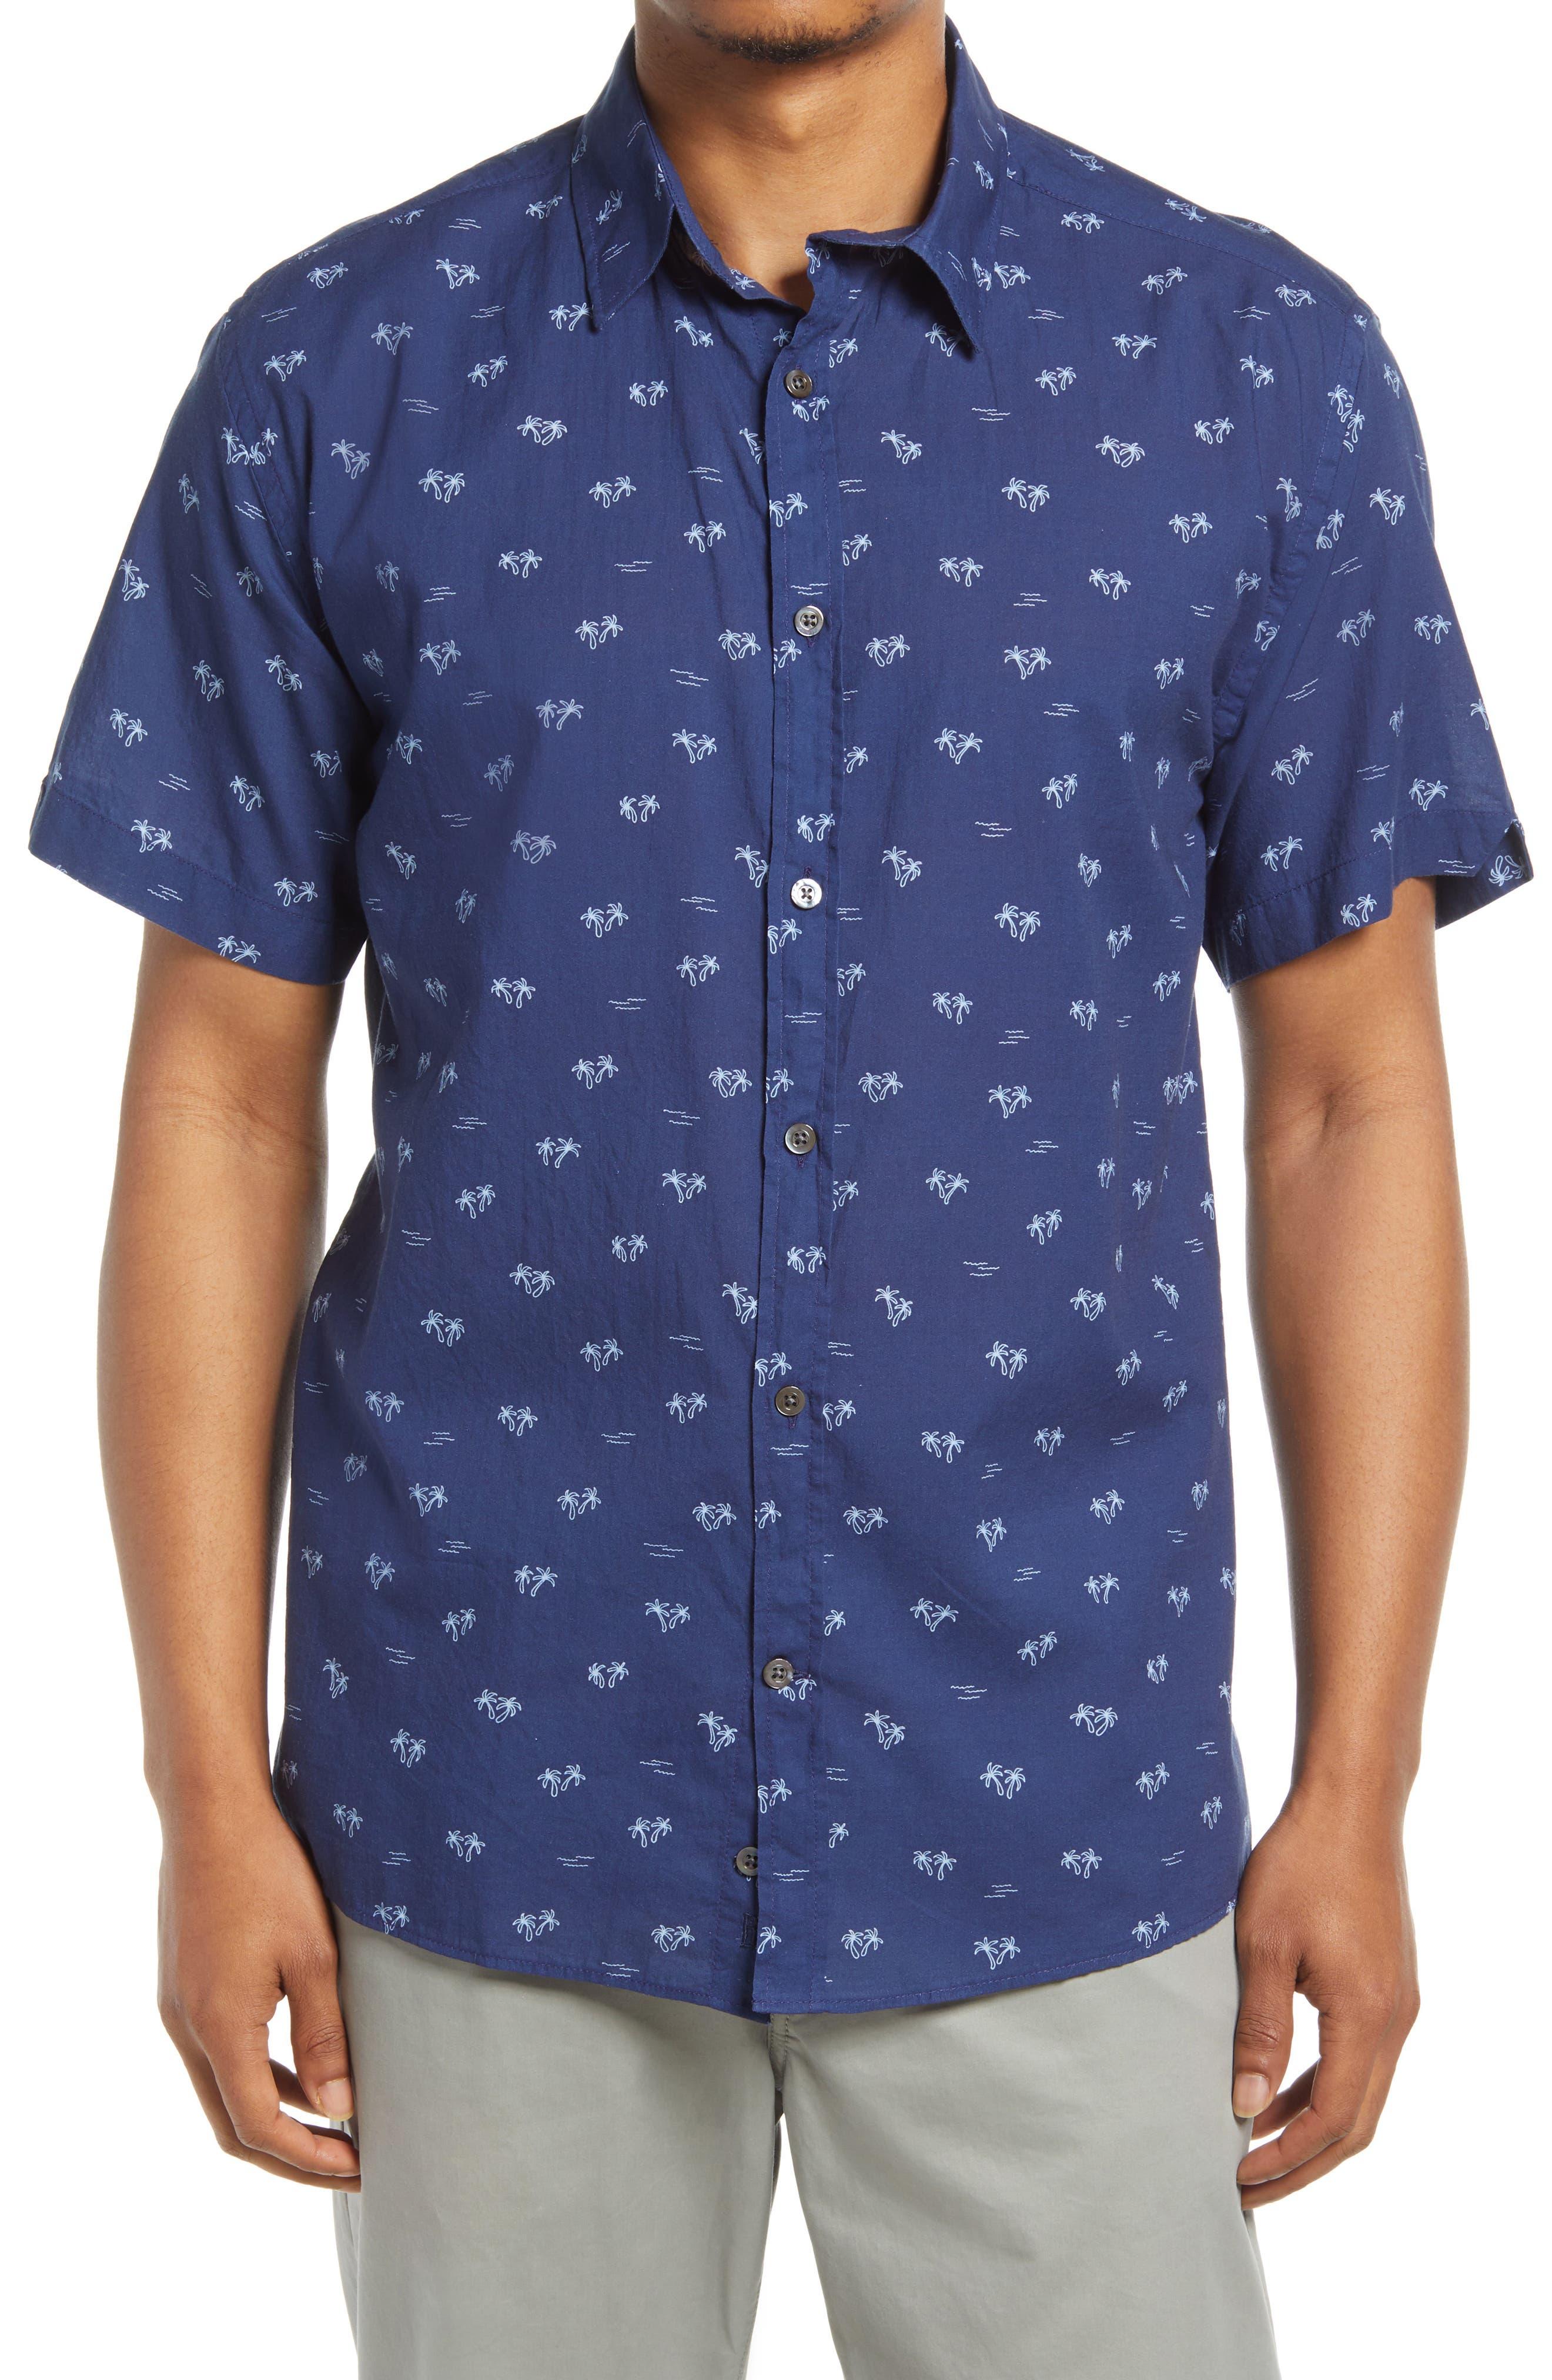 Regular Fit Palm Tree Short Sleeve Button-Up Shirt